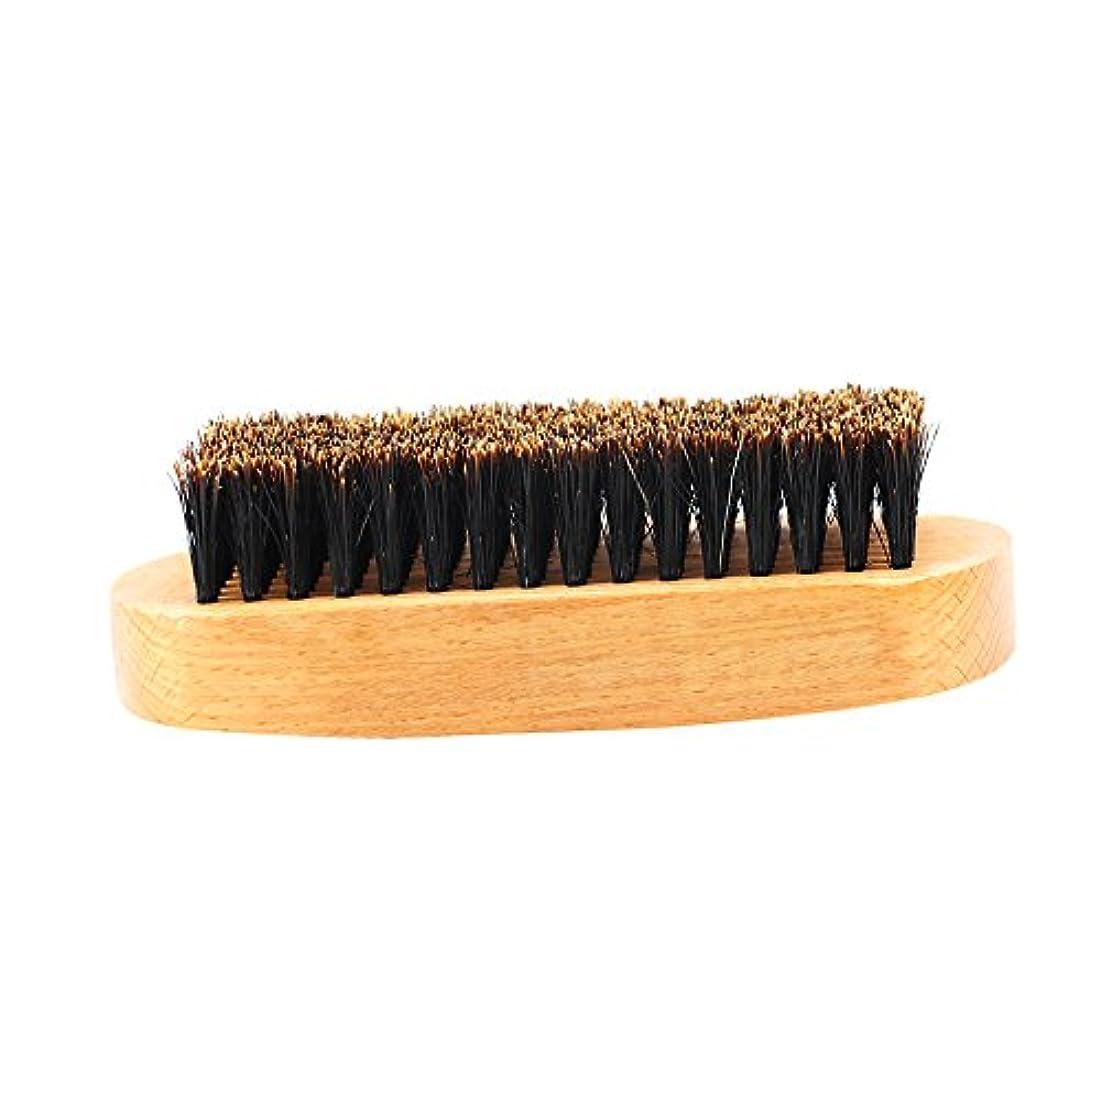 散歩に行く洗うプレーヤービュアブラシ 豚毛 髭ブラシ メンズ ひげブラシ 天然木ハンドル 口ひげケア 2タイプ選べる - #1